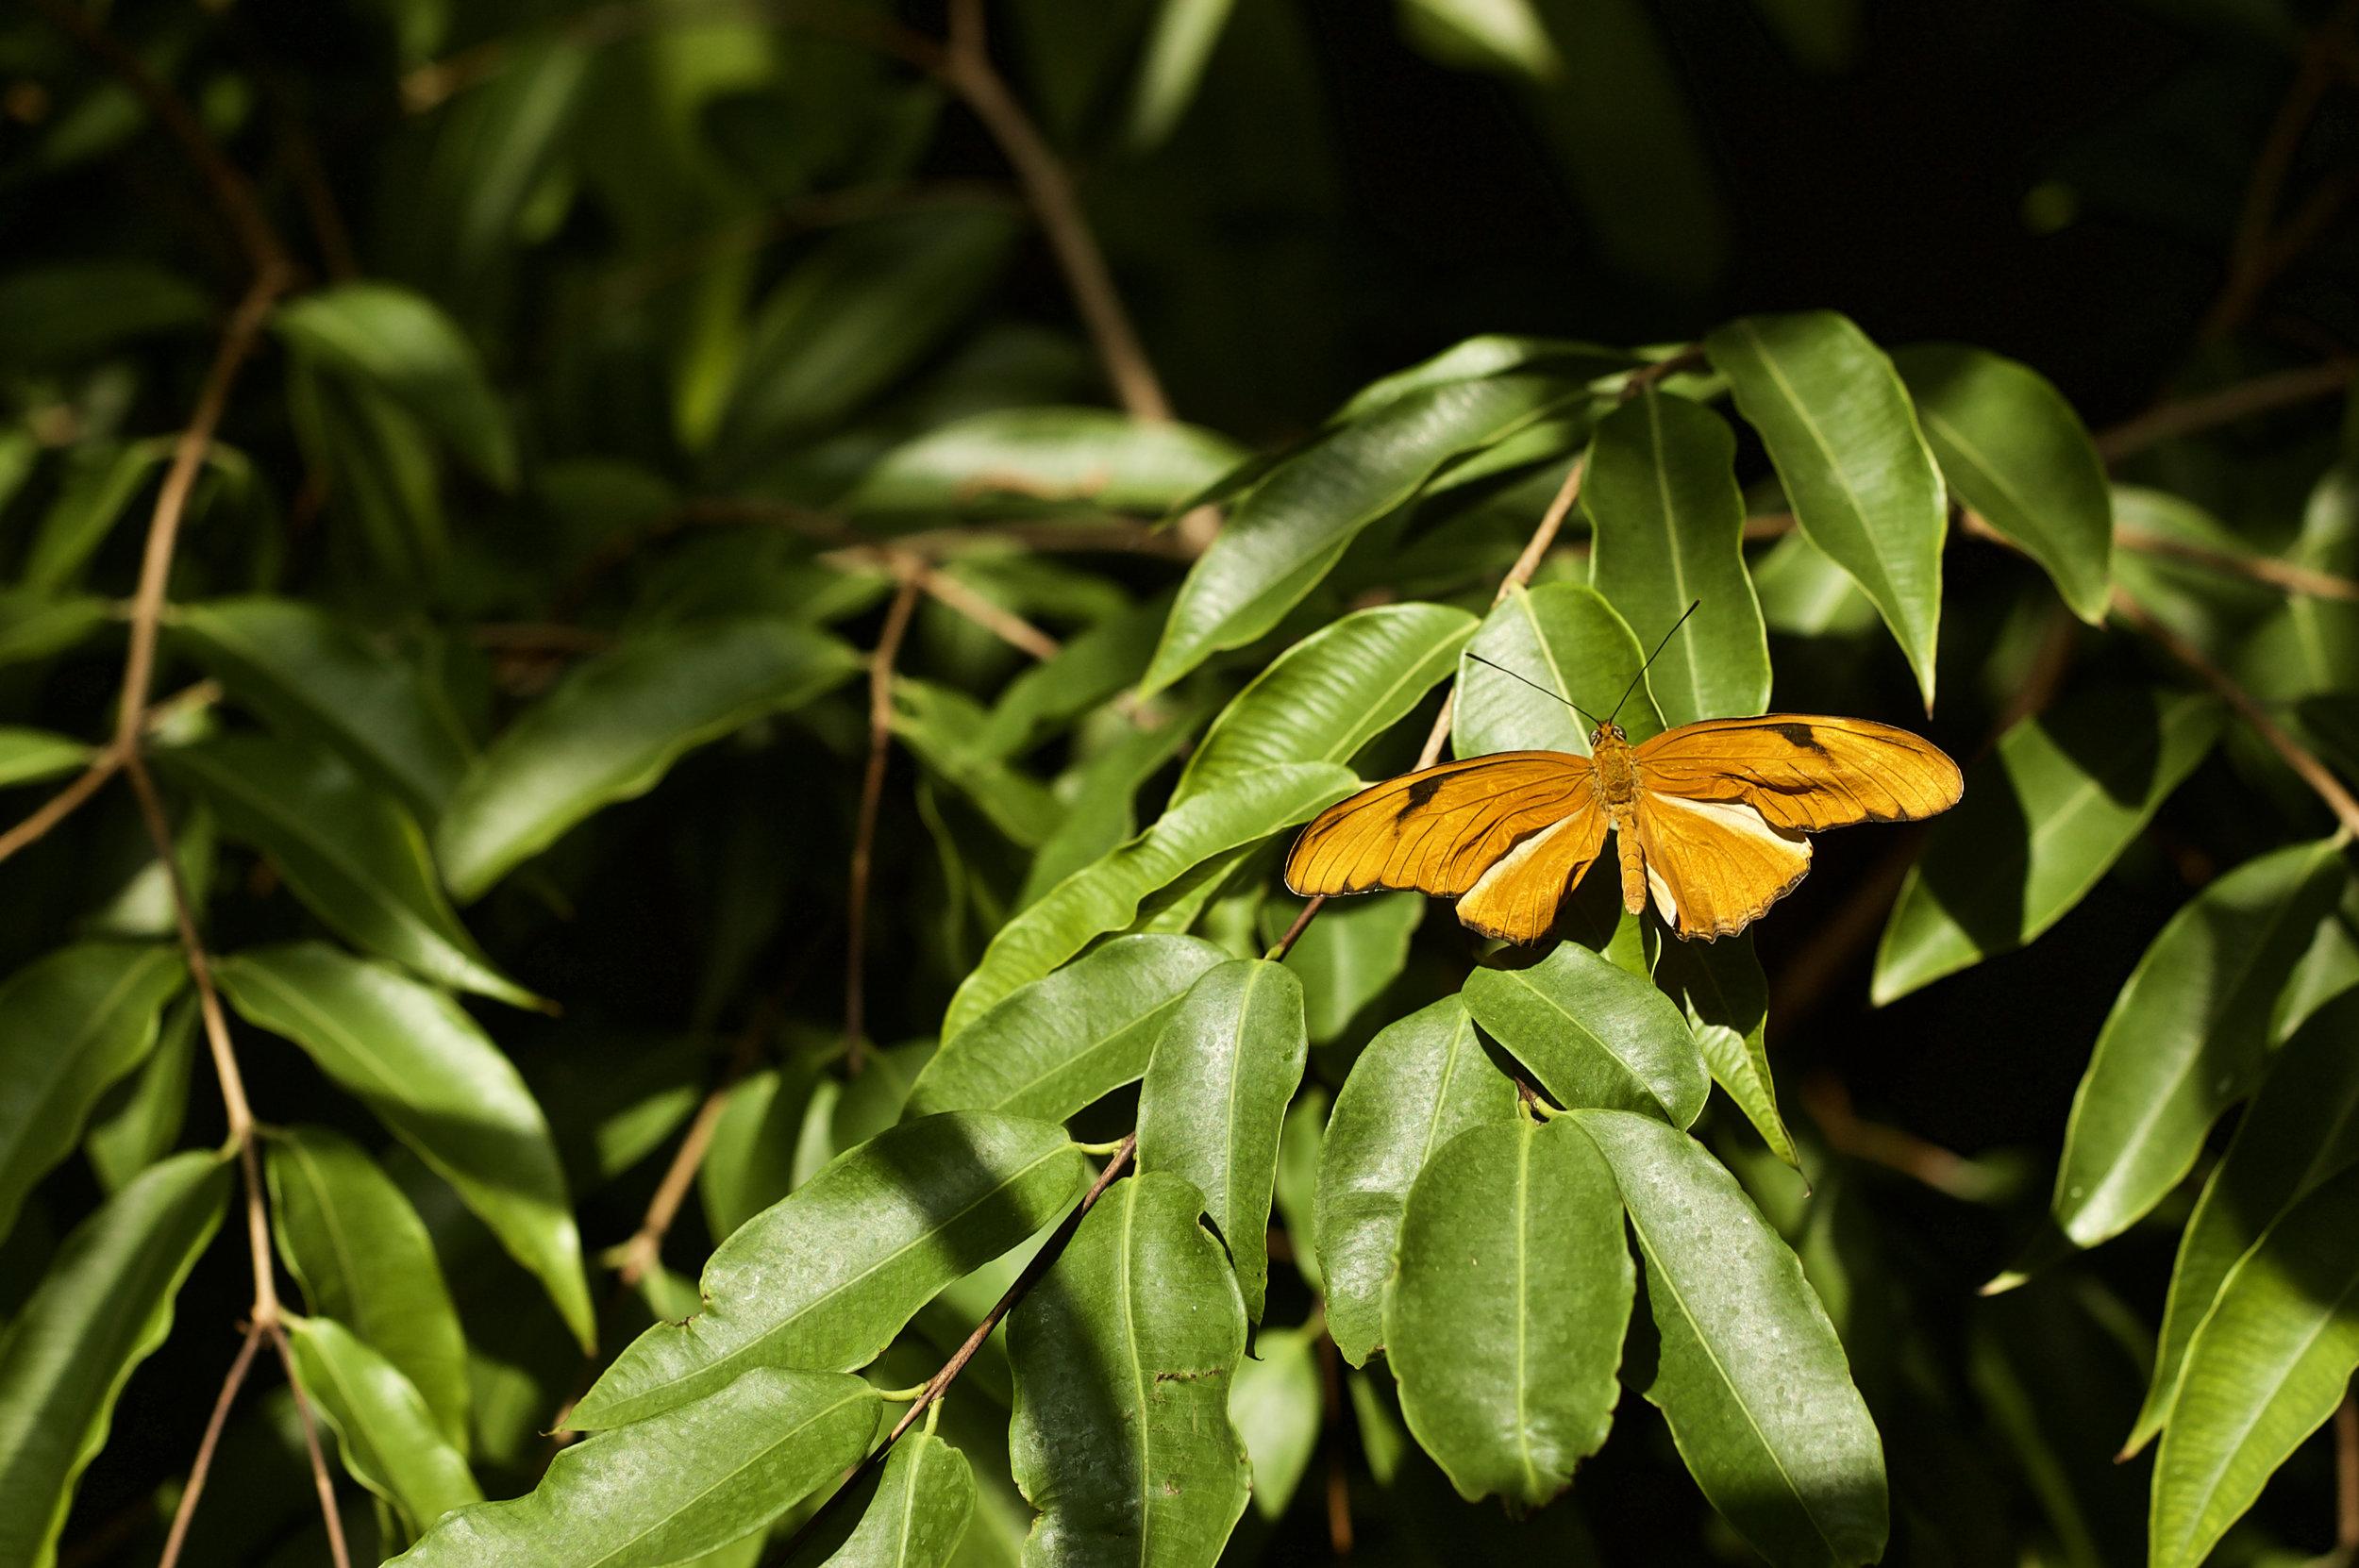 Orange Wing. Botz Conservatory, Olbrich Gardens. Madison, Wisconsin. August 2010. © William D. Walker